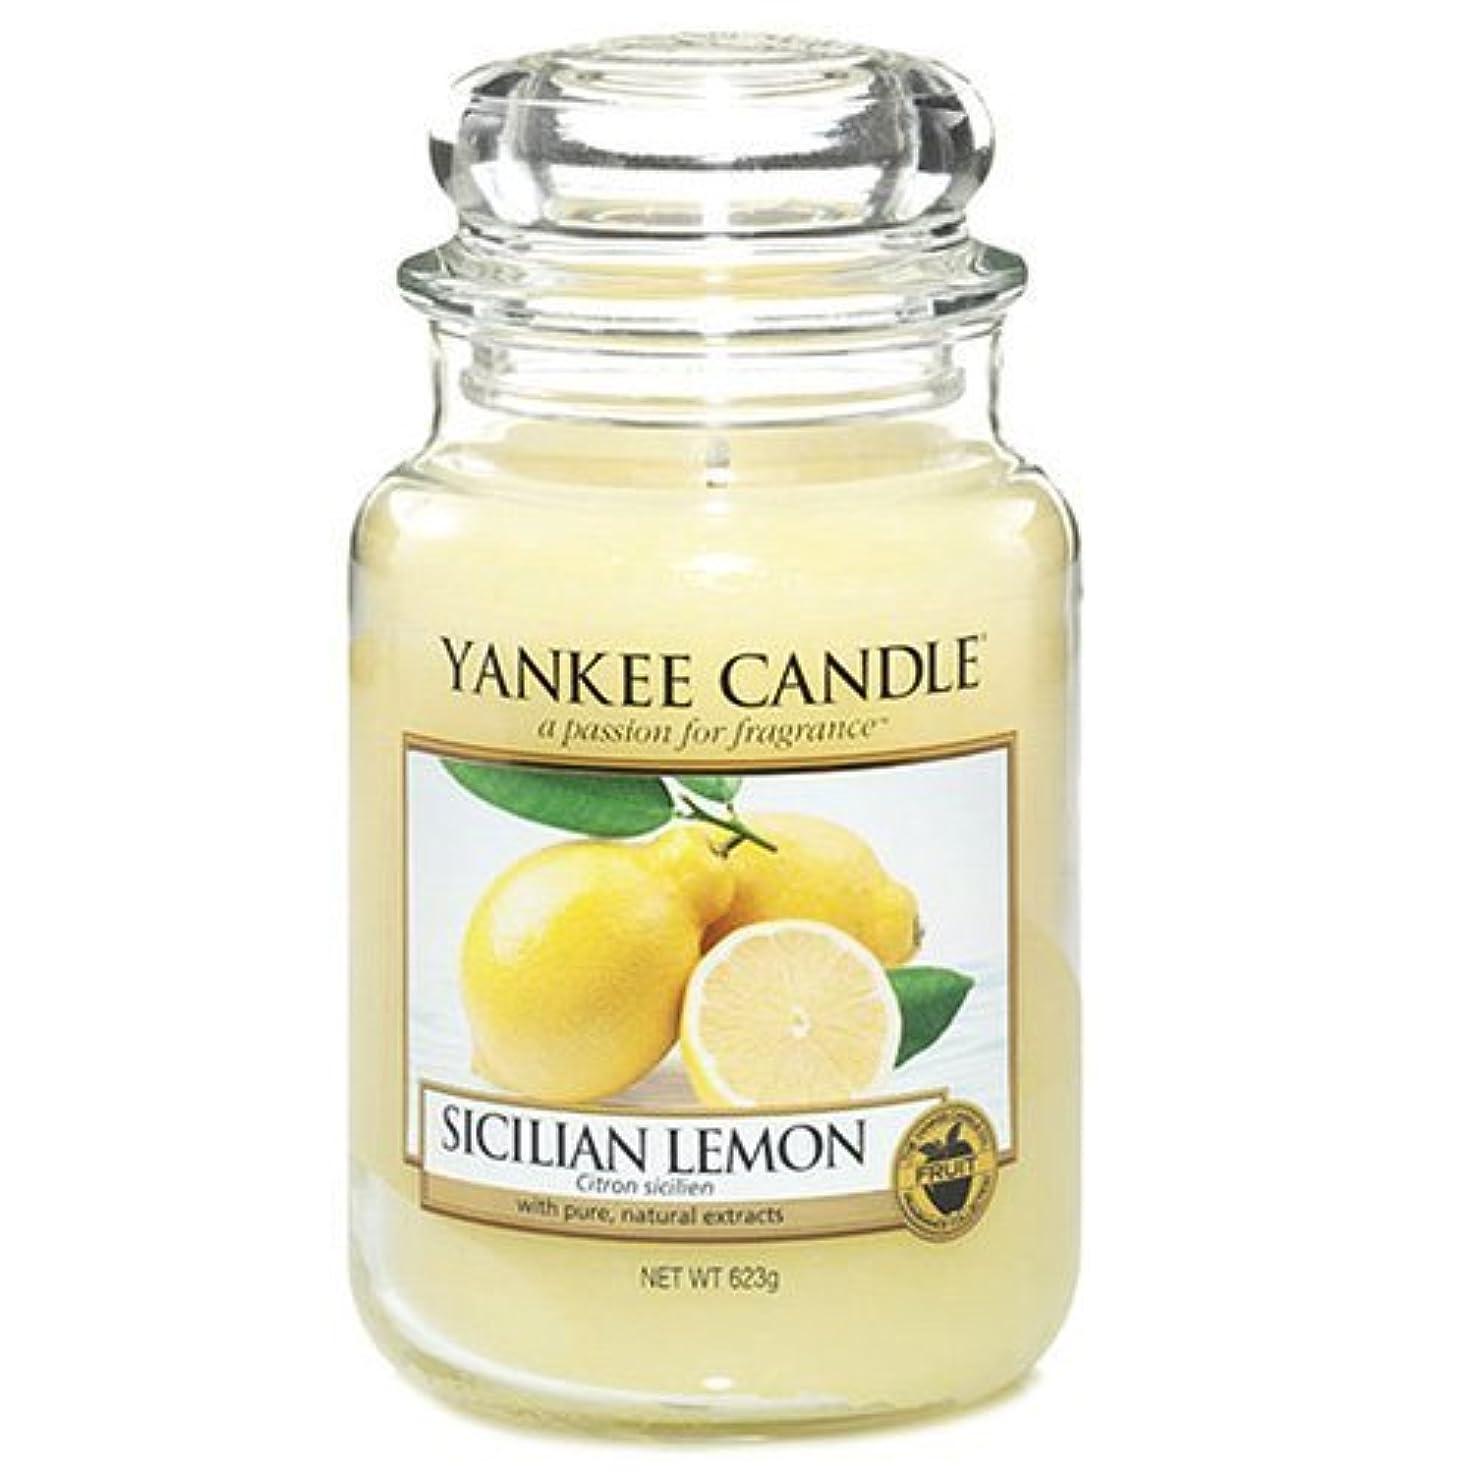 オークションインフレーションソーセージYankee Candle Large Jar Candle, Sicilian Lemon by Yankee [並行輸入品]